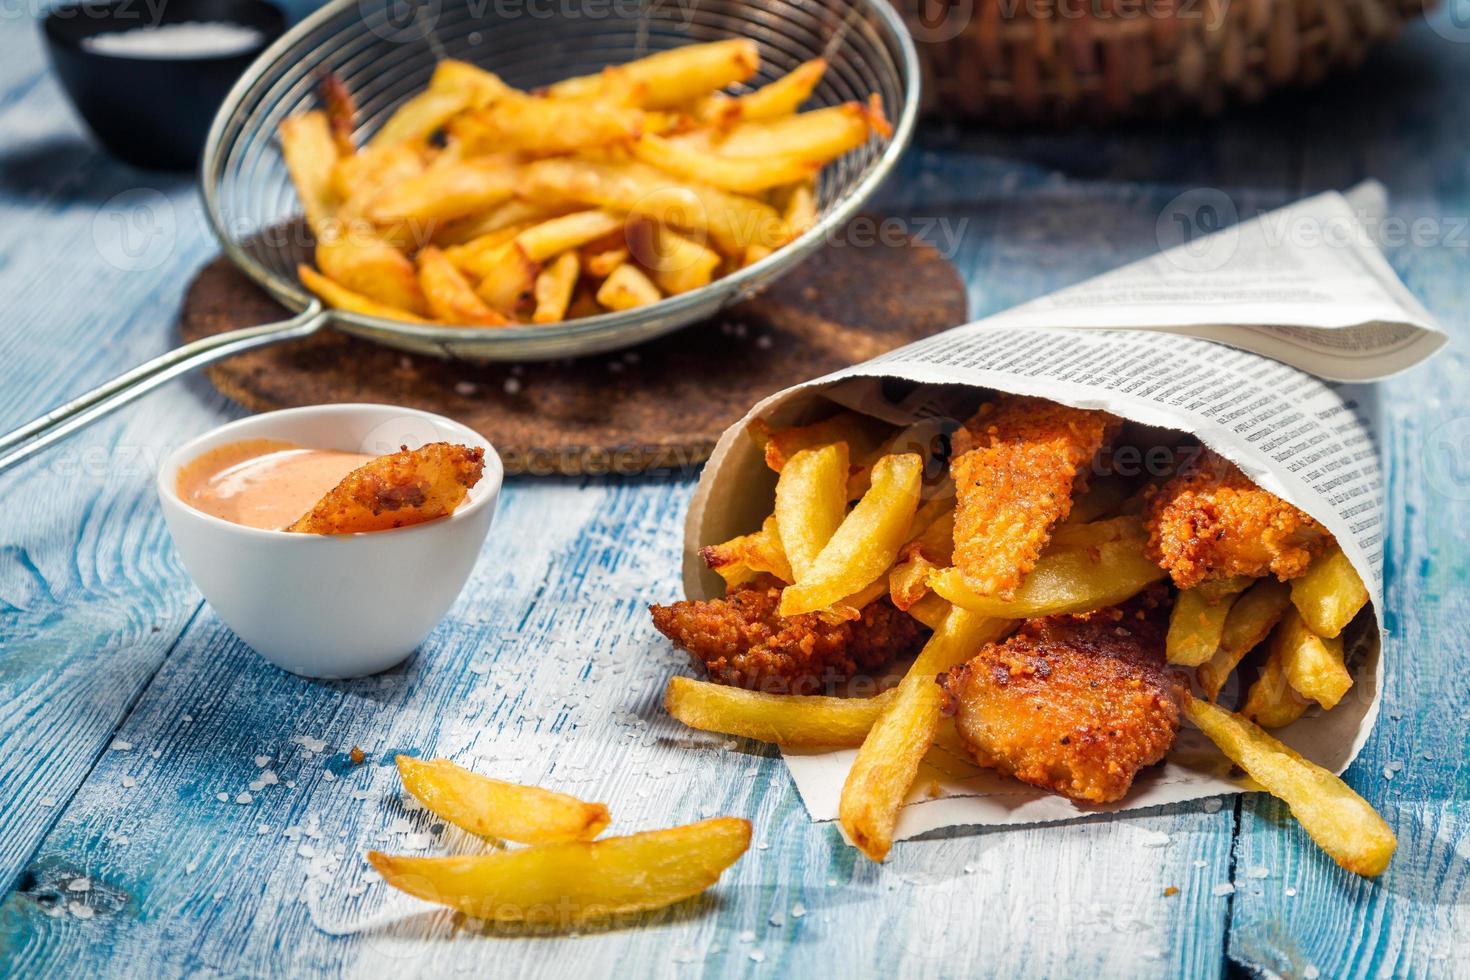 peixe com batatas fritas servido no jornal foto